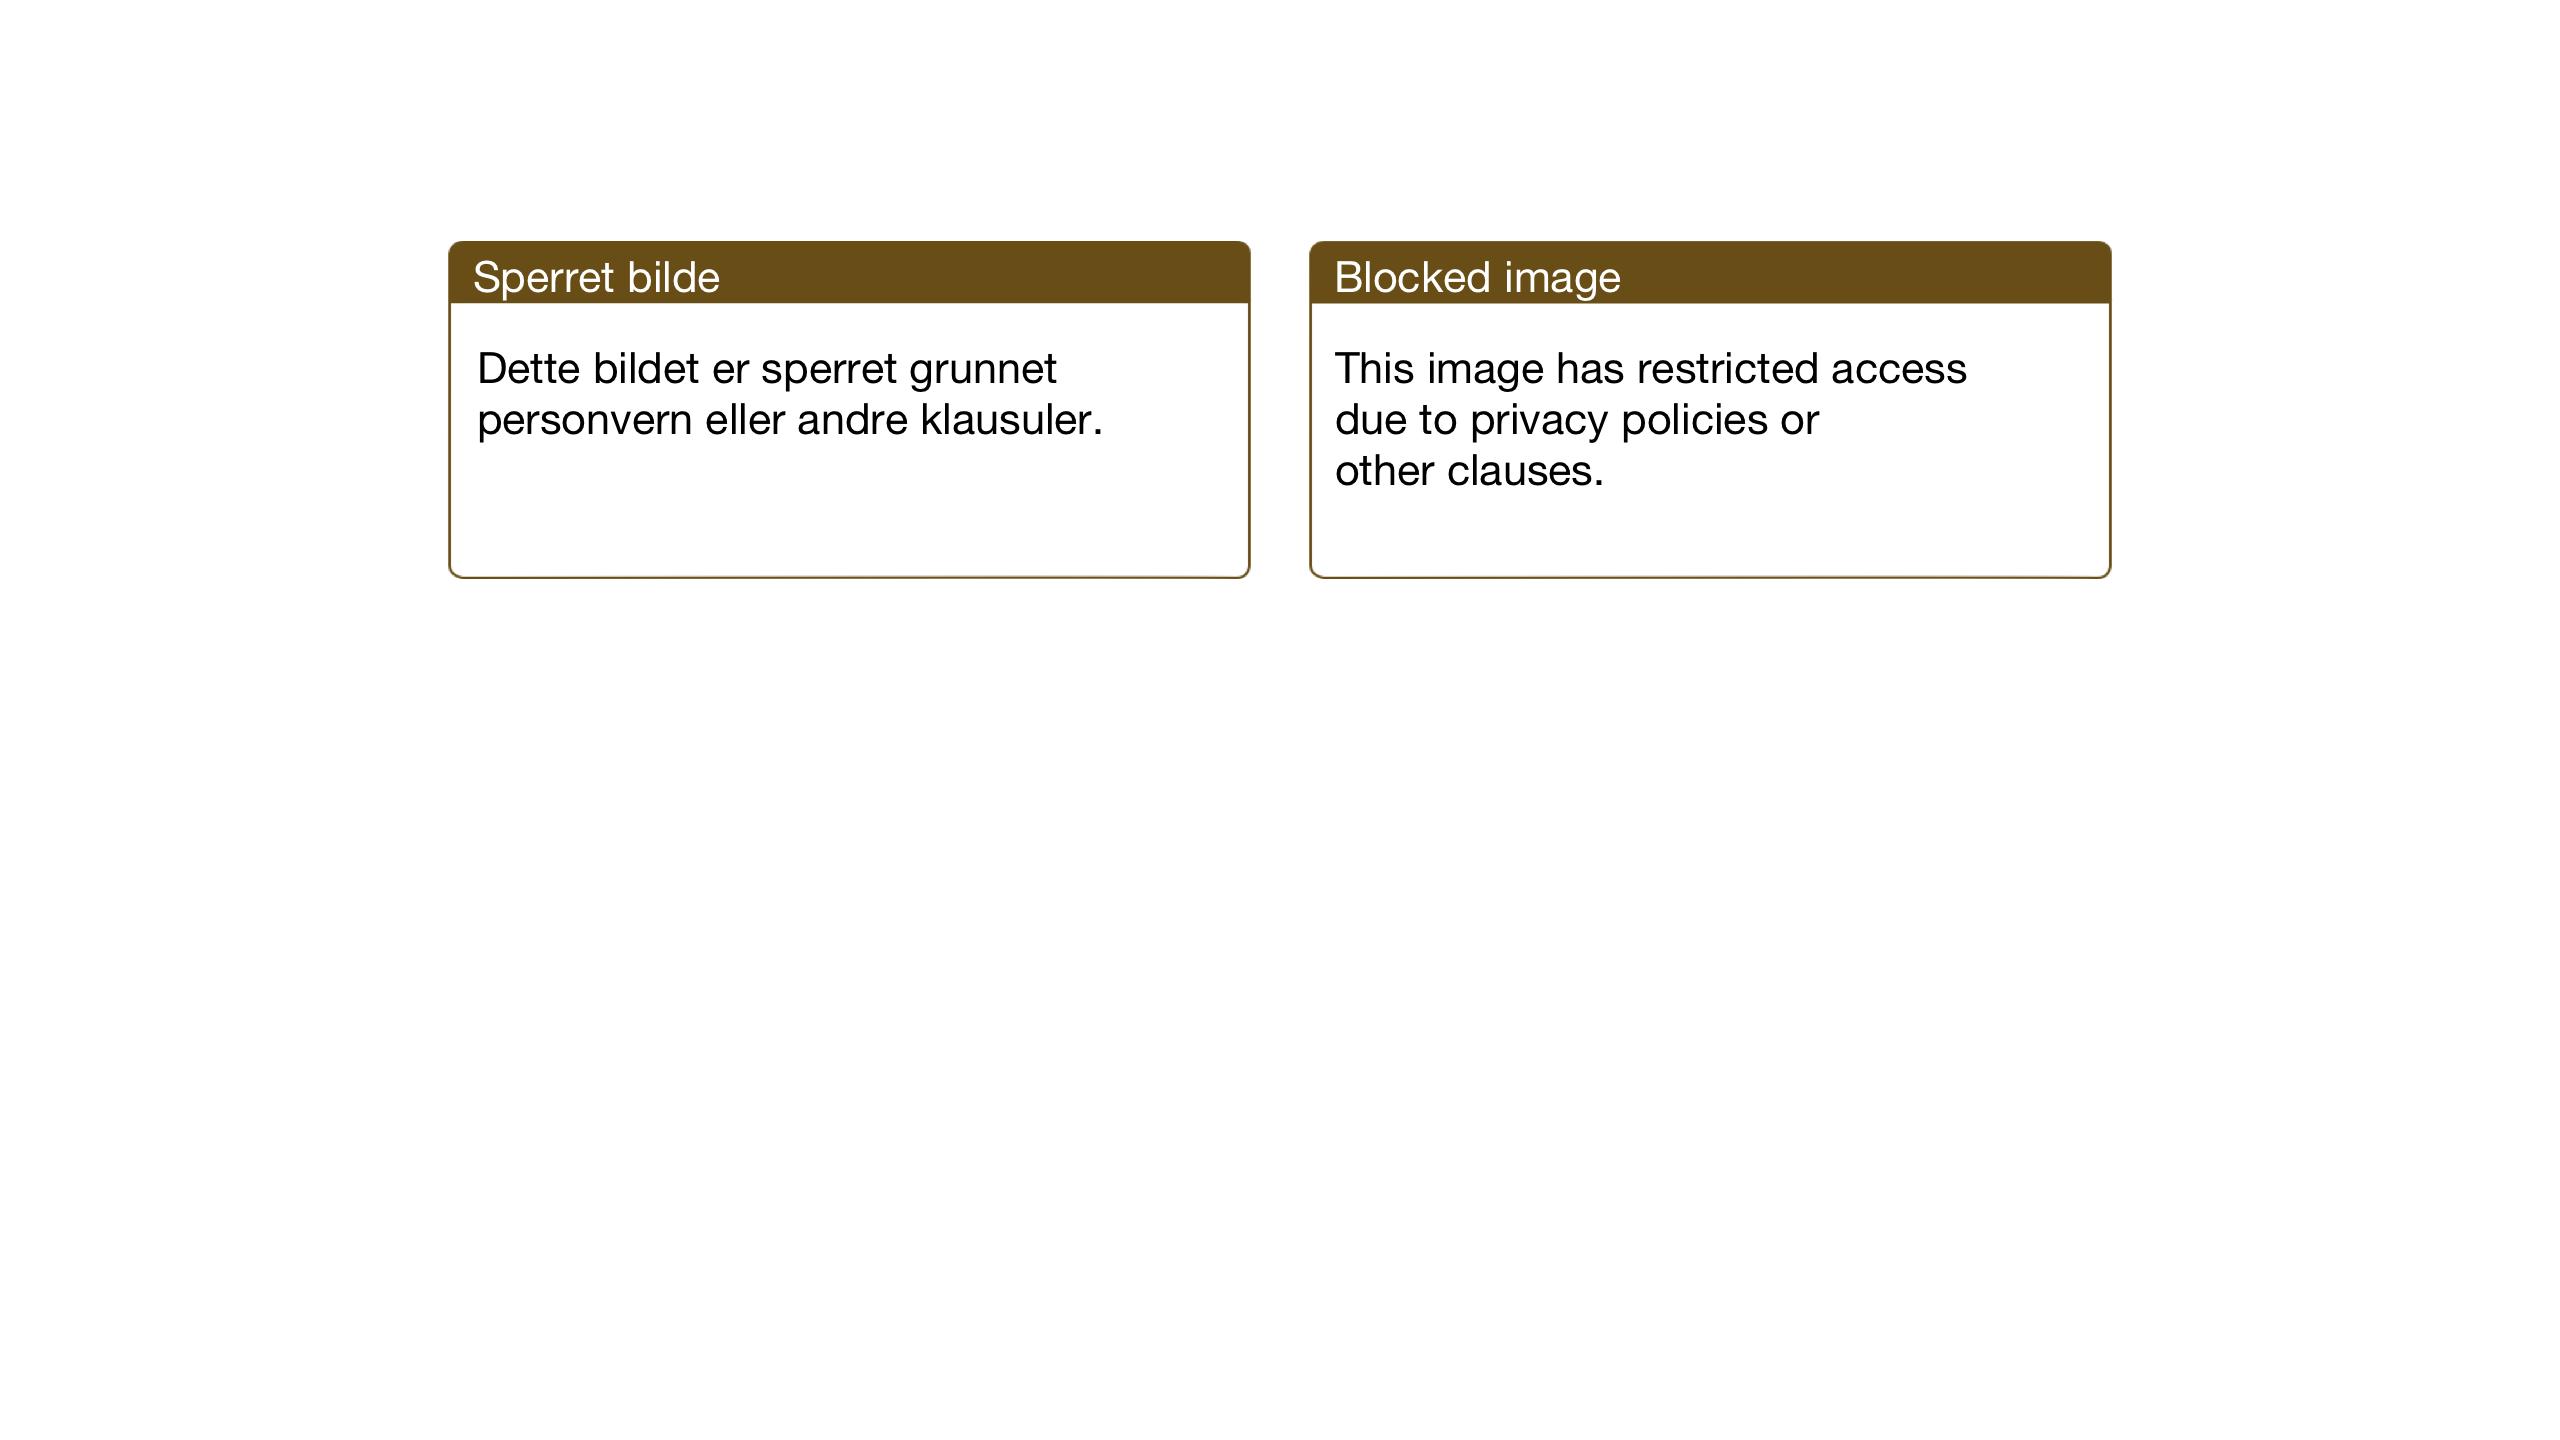 SAT, Ministerialprotokoller, klokkerbøker og fødselsregistre - Sør-Trøndelag, 618/L0454: Klokkerbok nr. 618C05, 1926-1946, s. 14